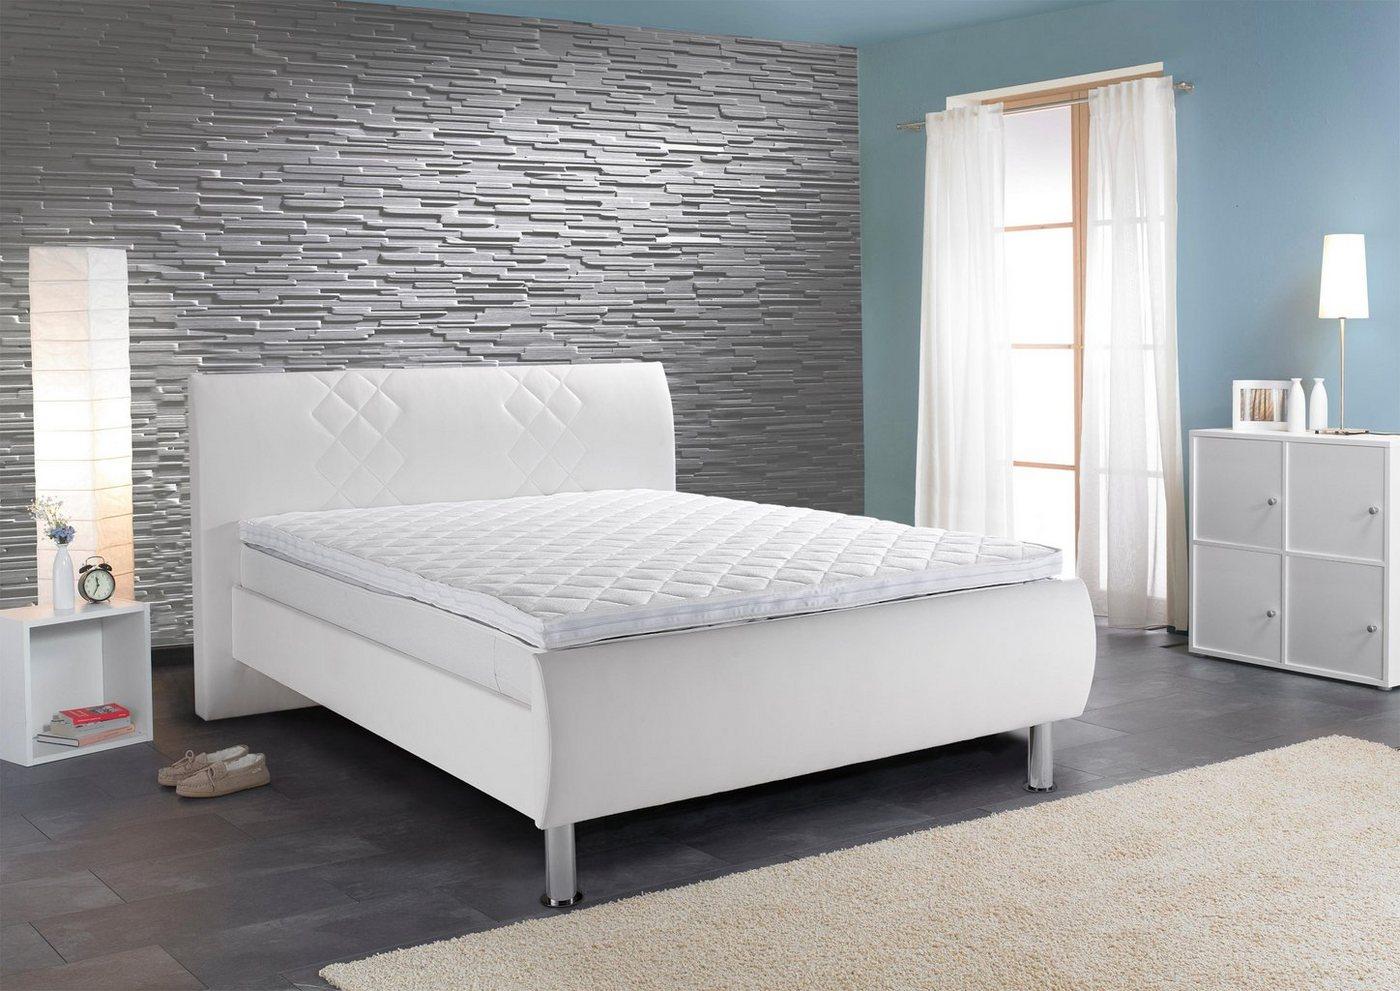 matratze mit gelauflage gelauflage f r matratze haus ideen matratze mit gelauflage aus dauer. Black Bedroom Furniture Sets. Home Design Ideas